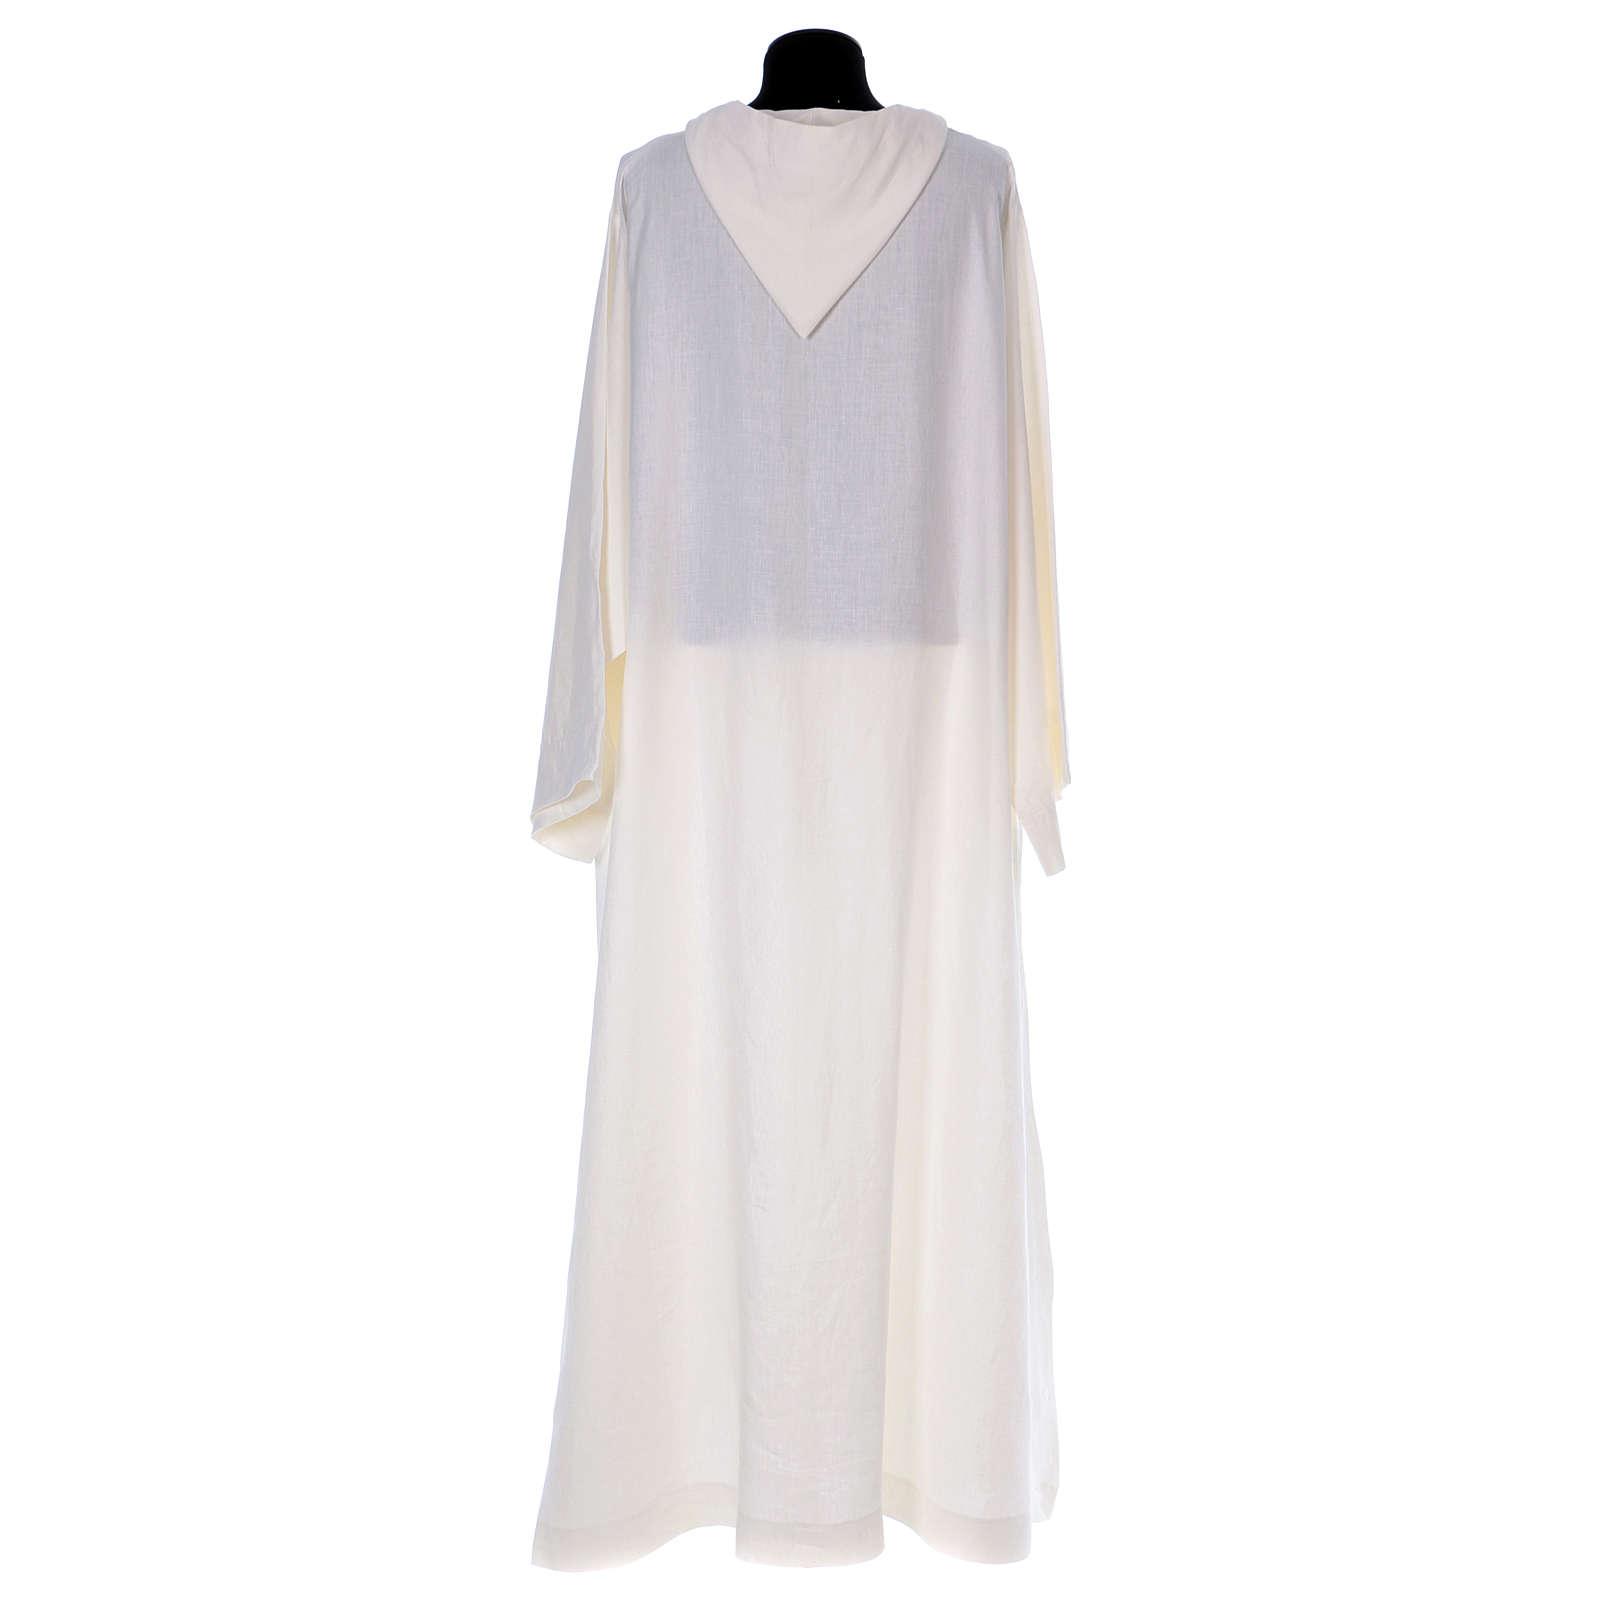 Monastic alb in linen 4